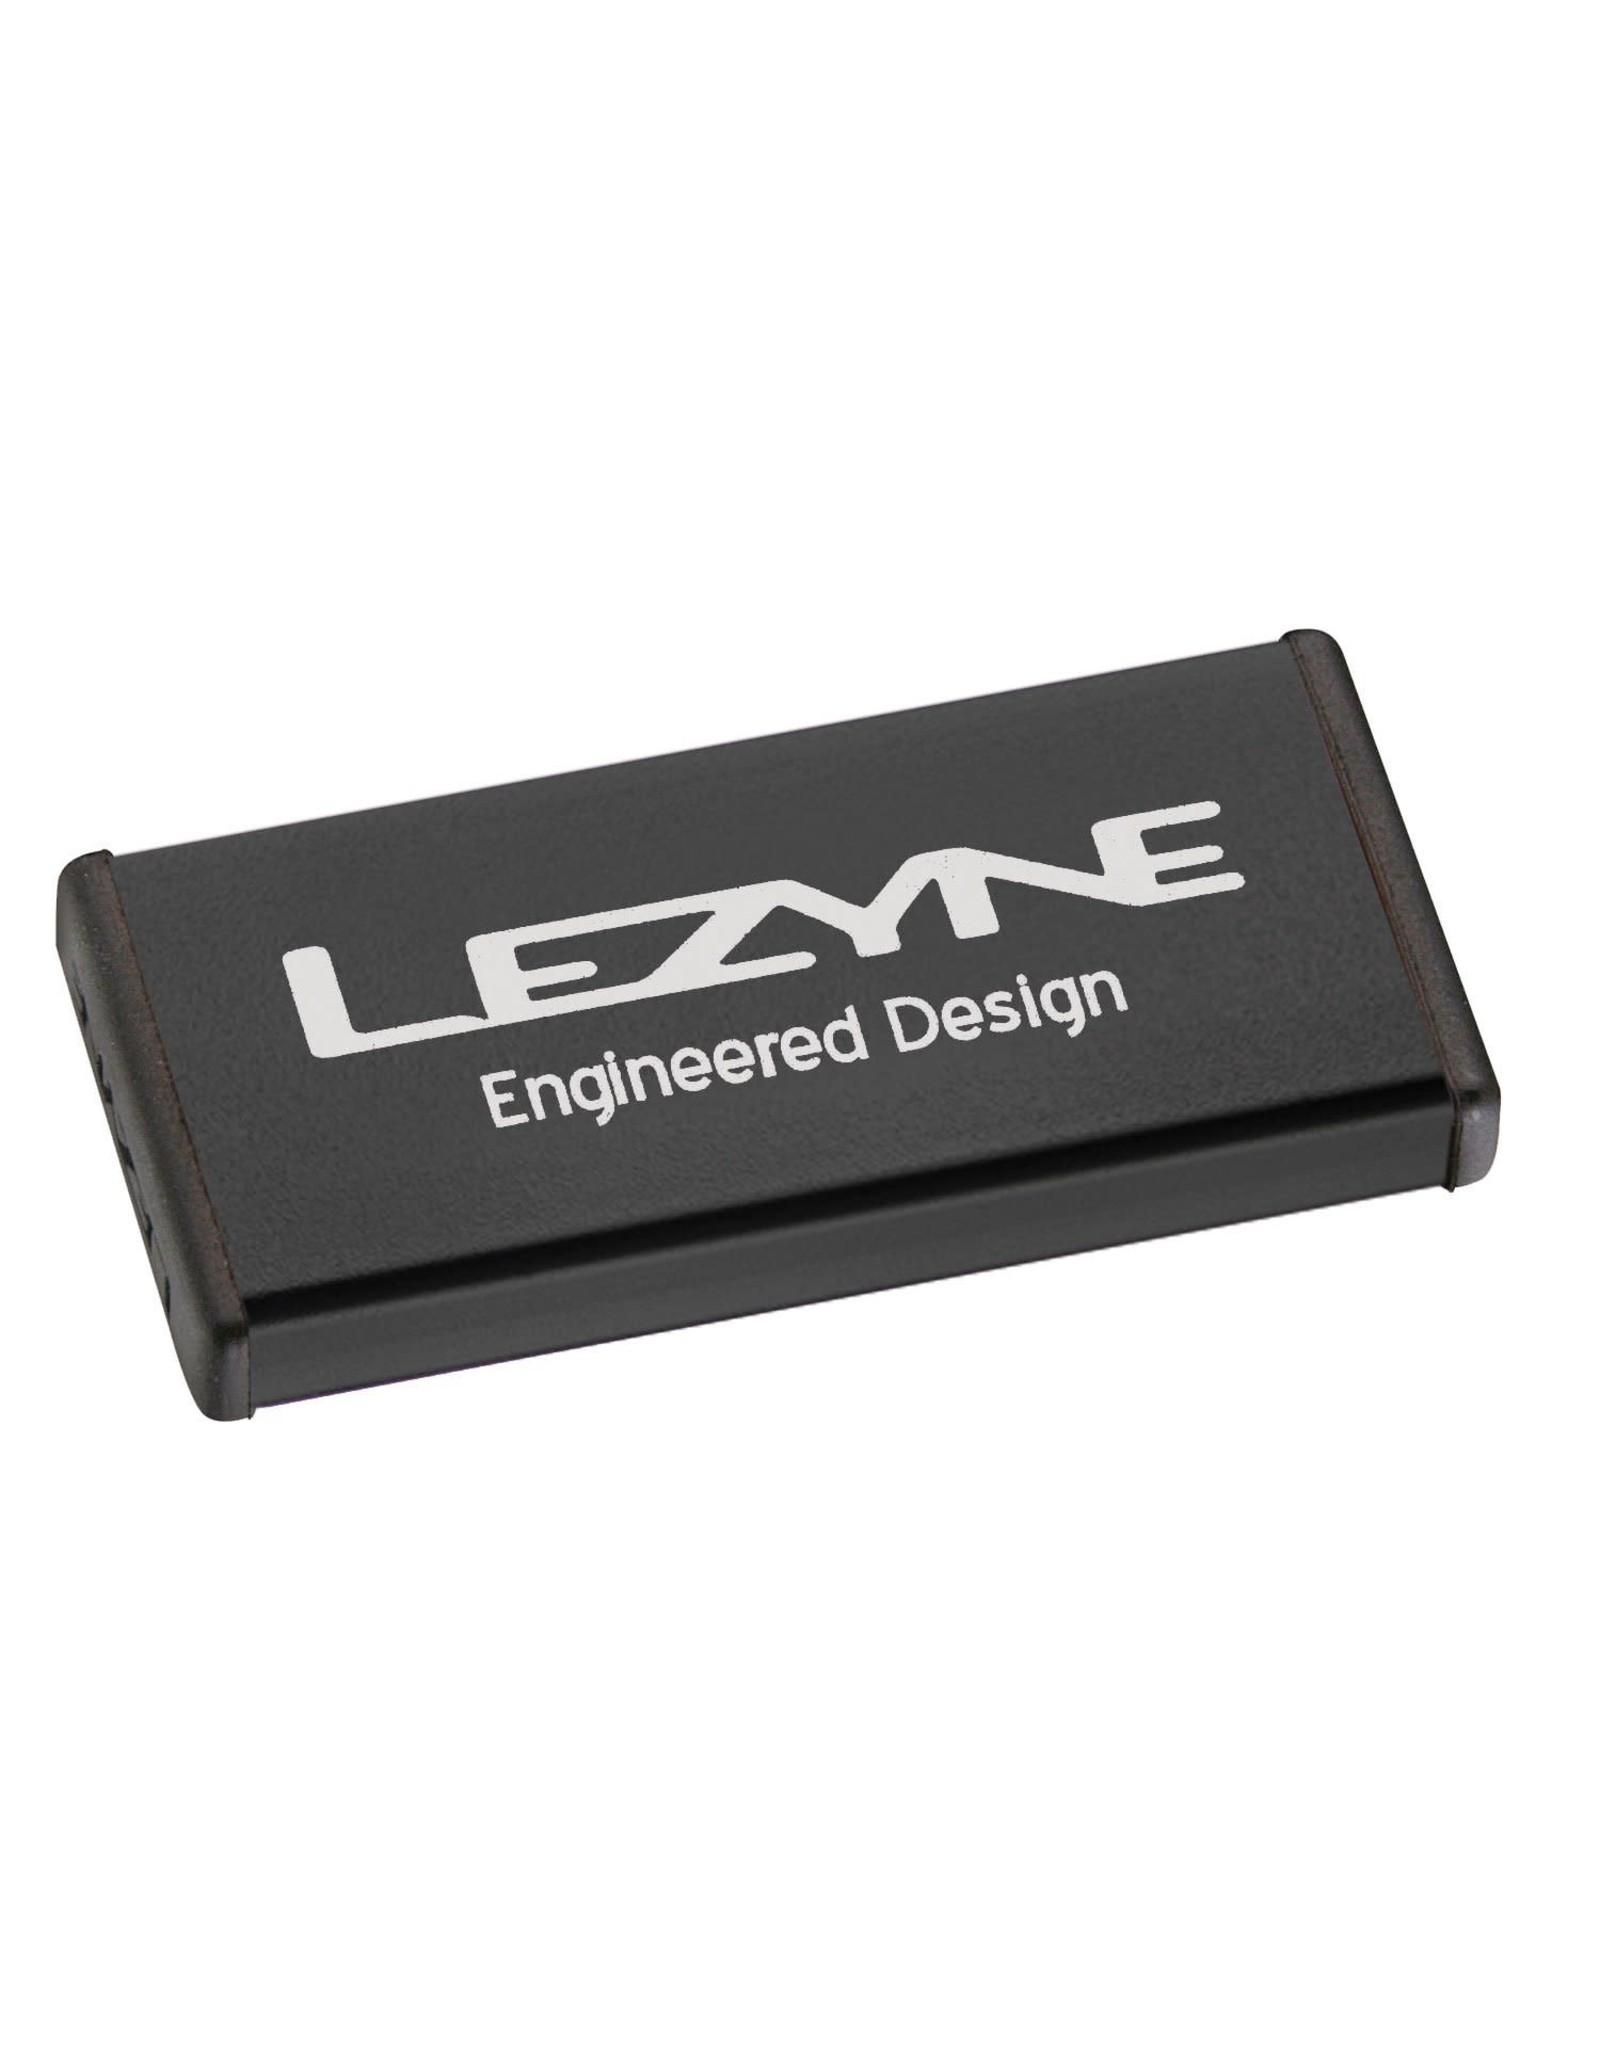 Lezyne - Metal Patch Kit - Black